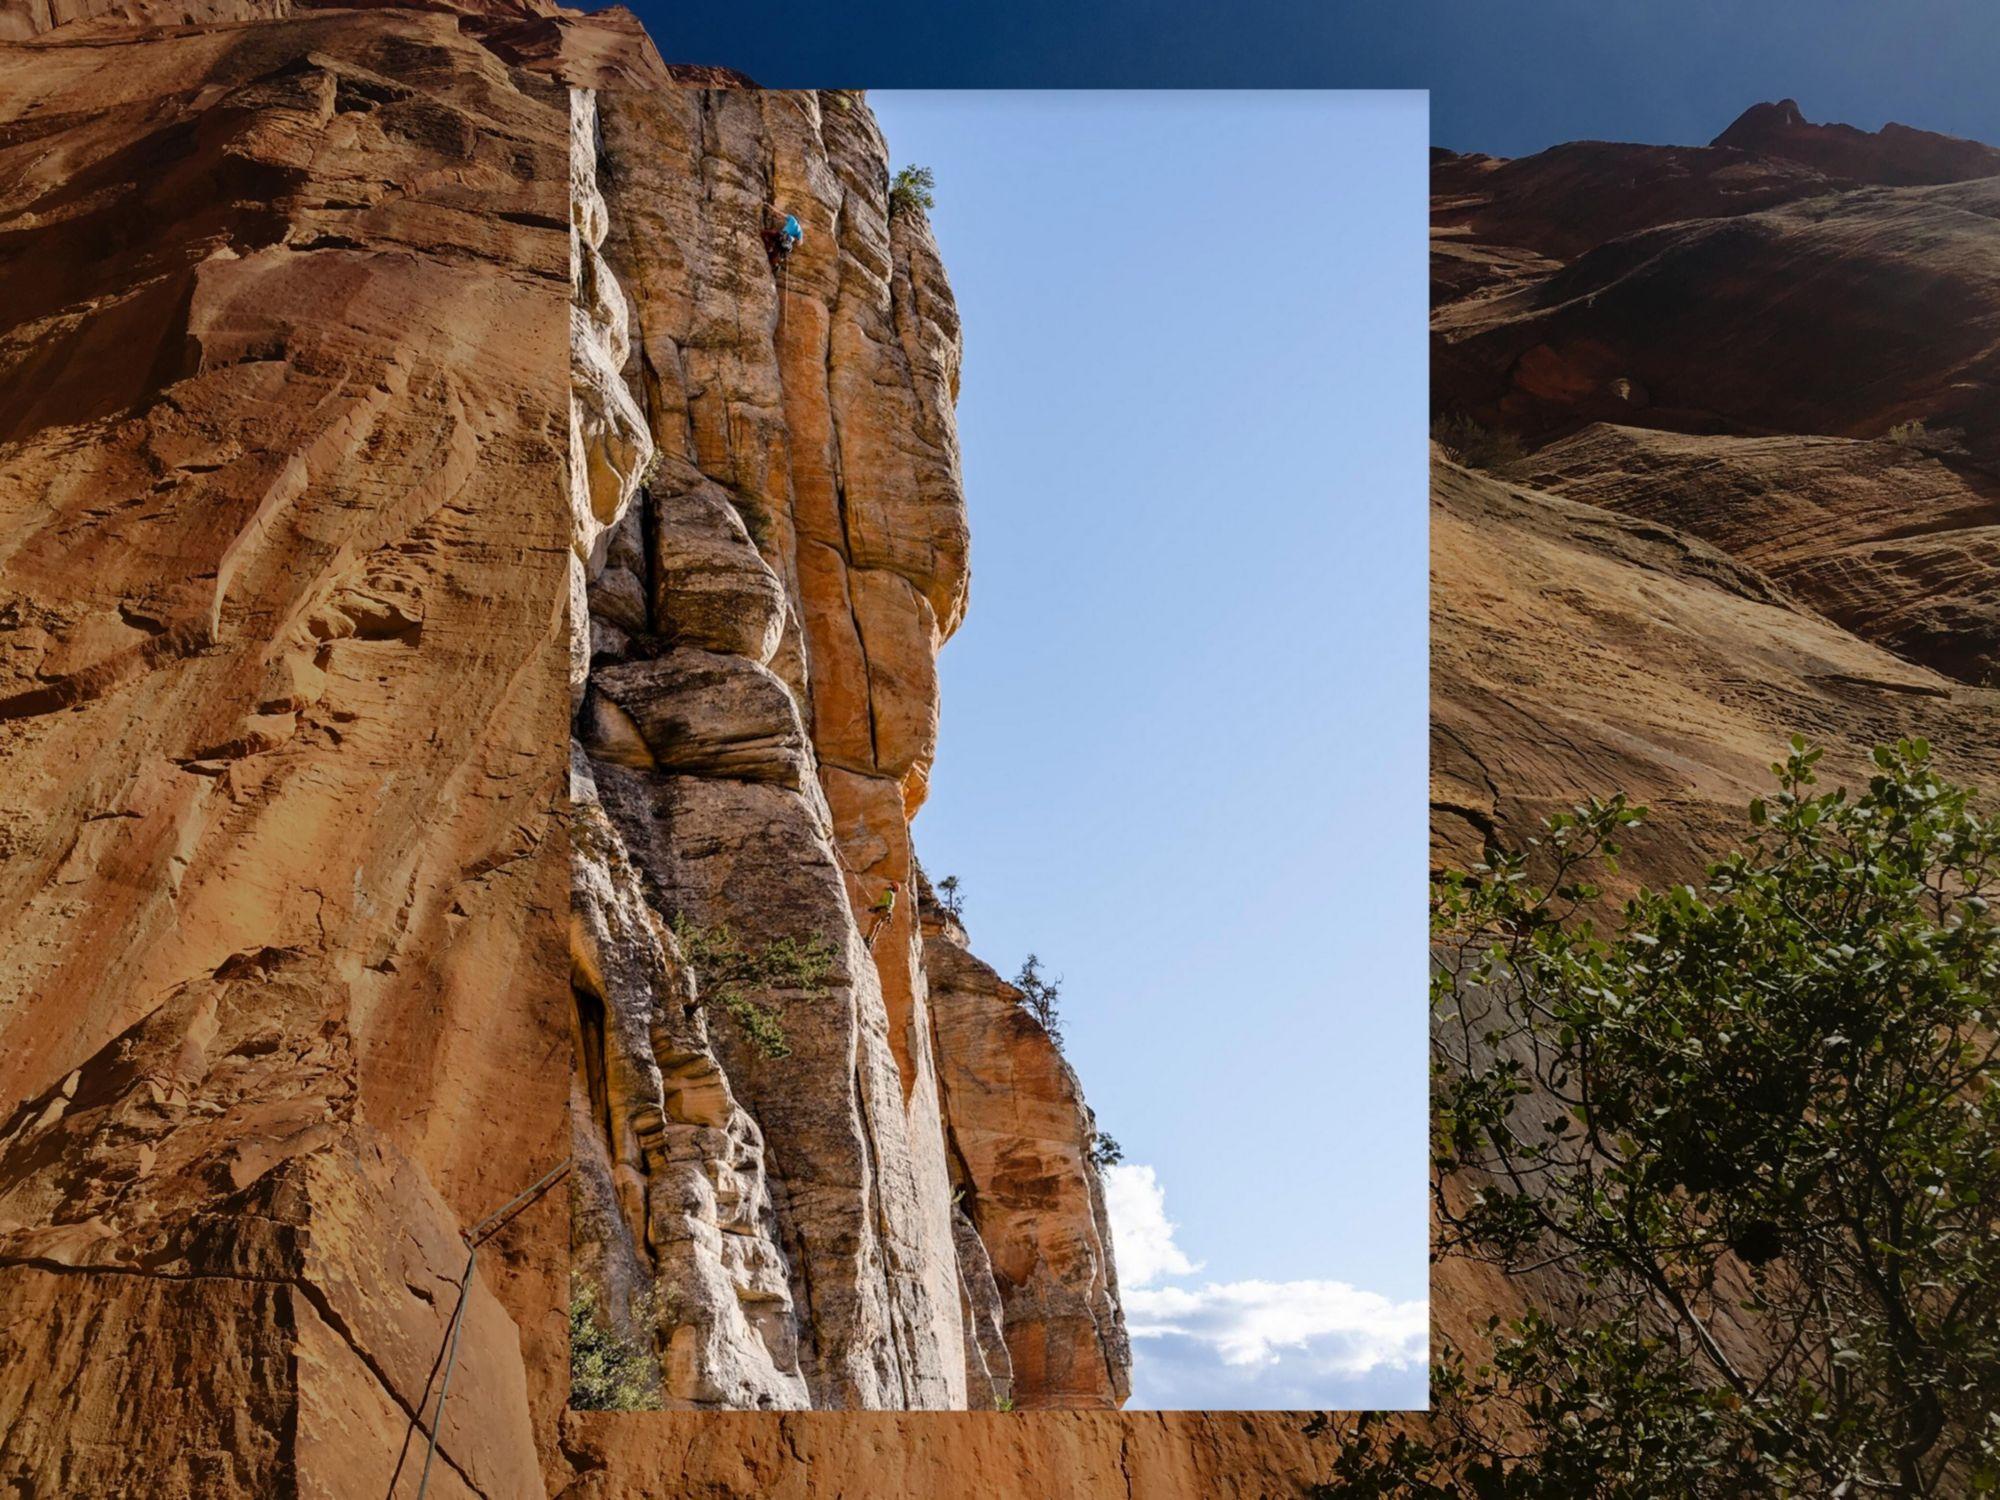 shot of rock climber